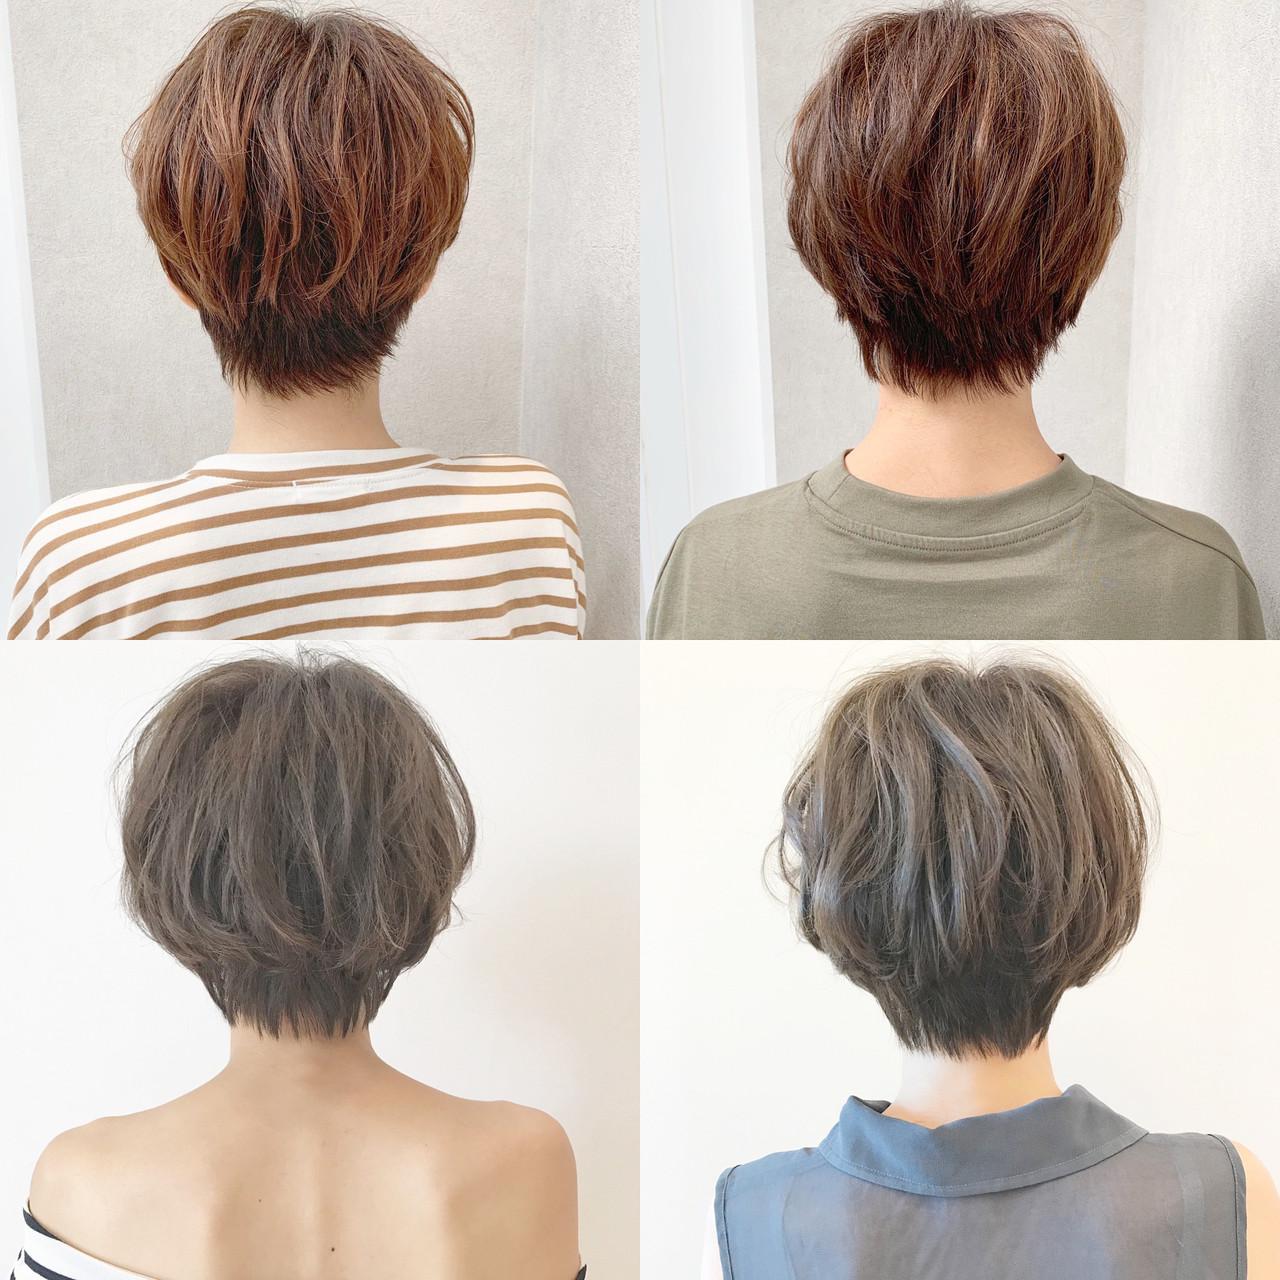 アウトドア パーマ ショート スポーツ ヘアスタイルや髪型の写真・画像 | ショートヘア美容師 #ナカイヒロキ / 『send by HAIR』